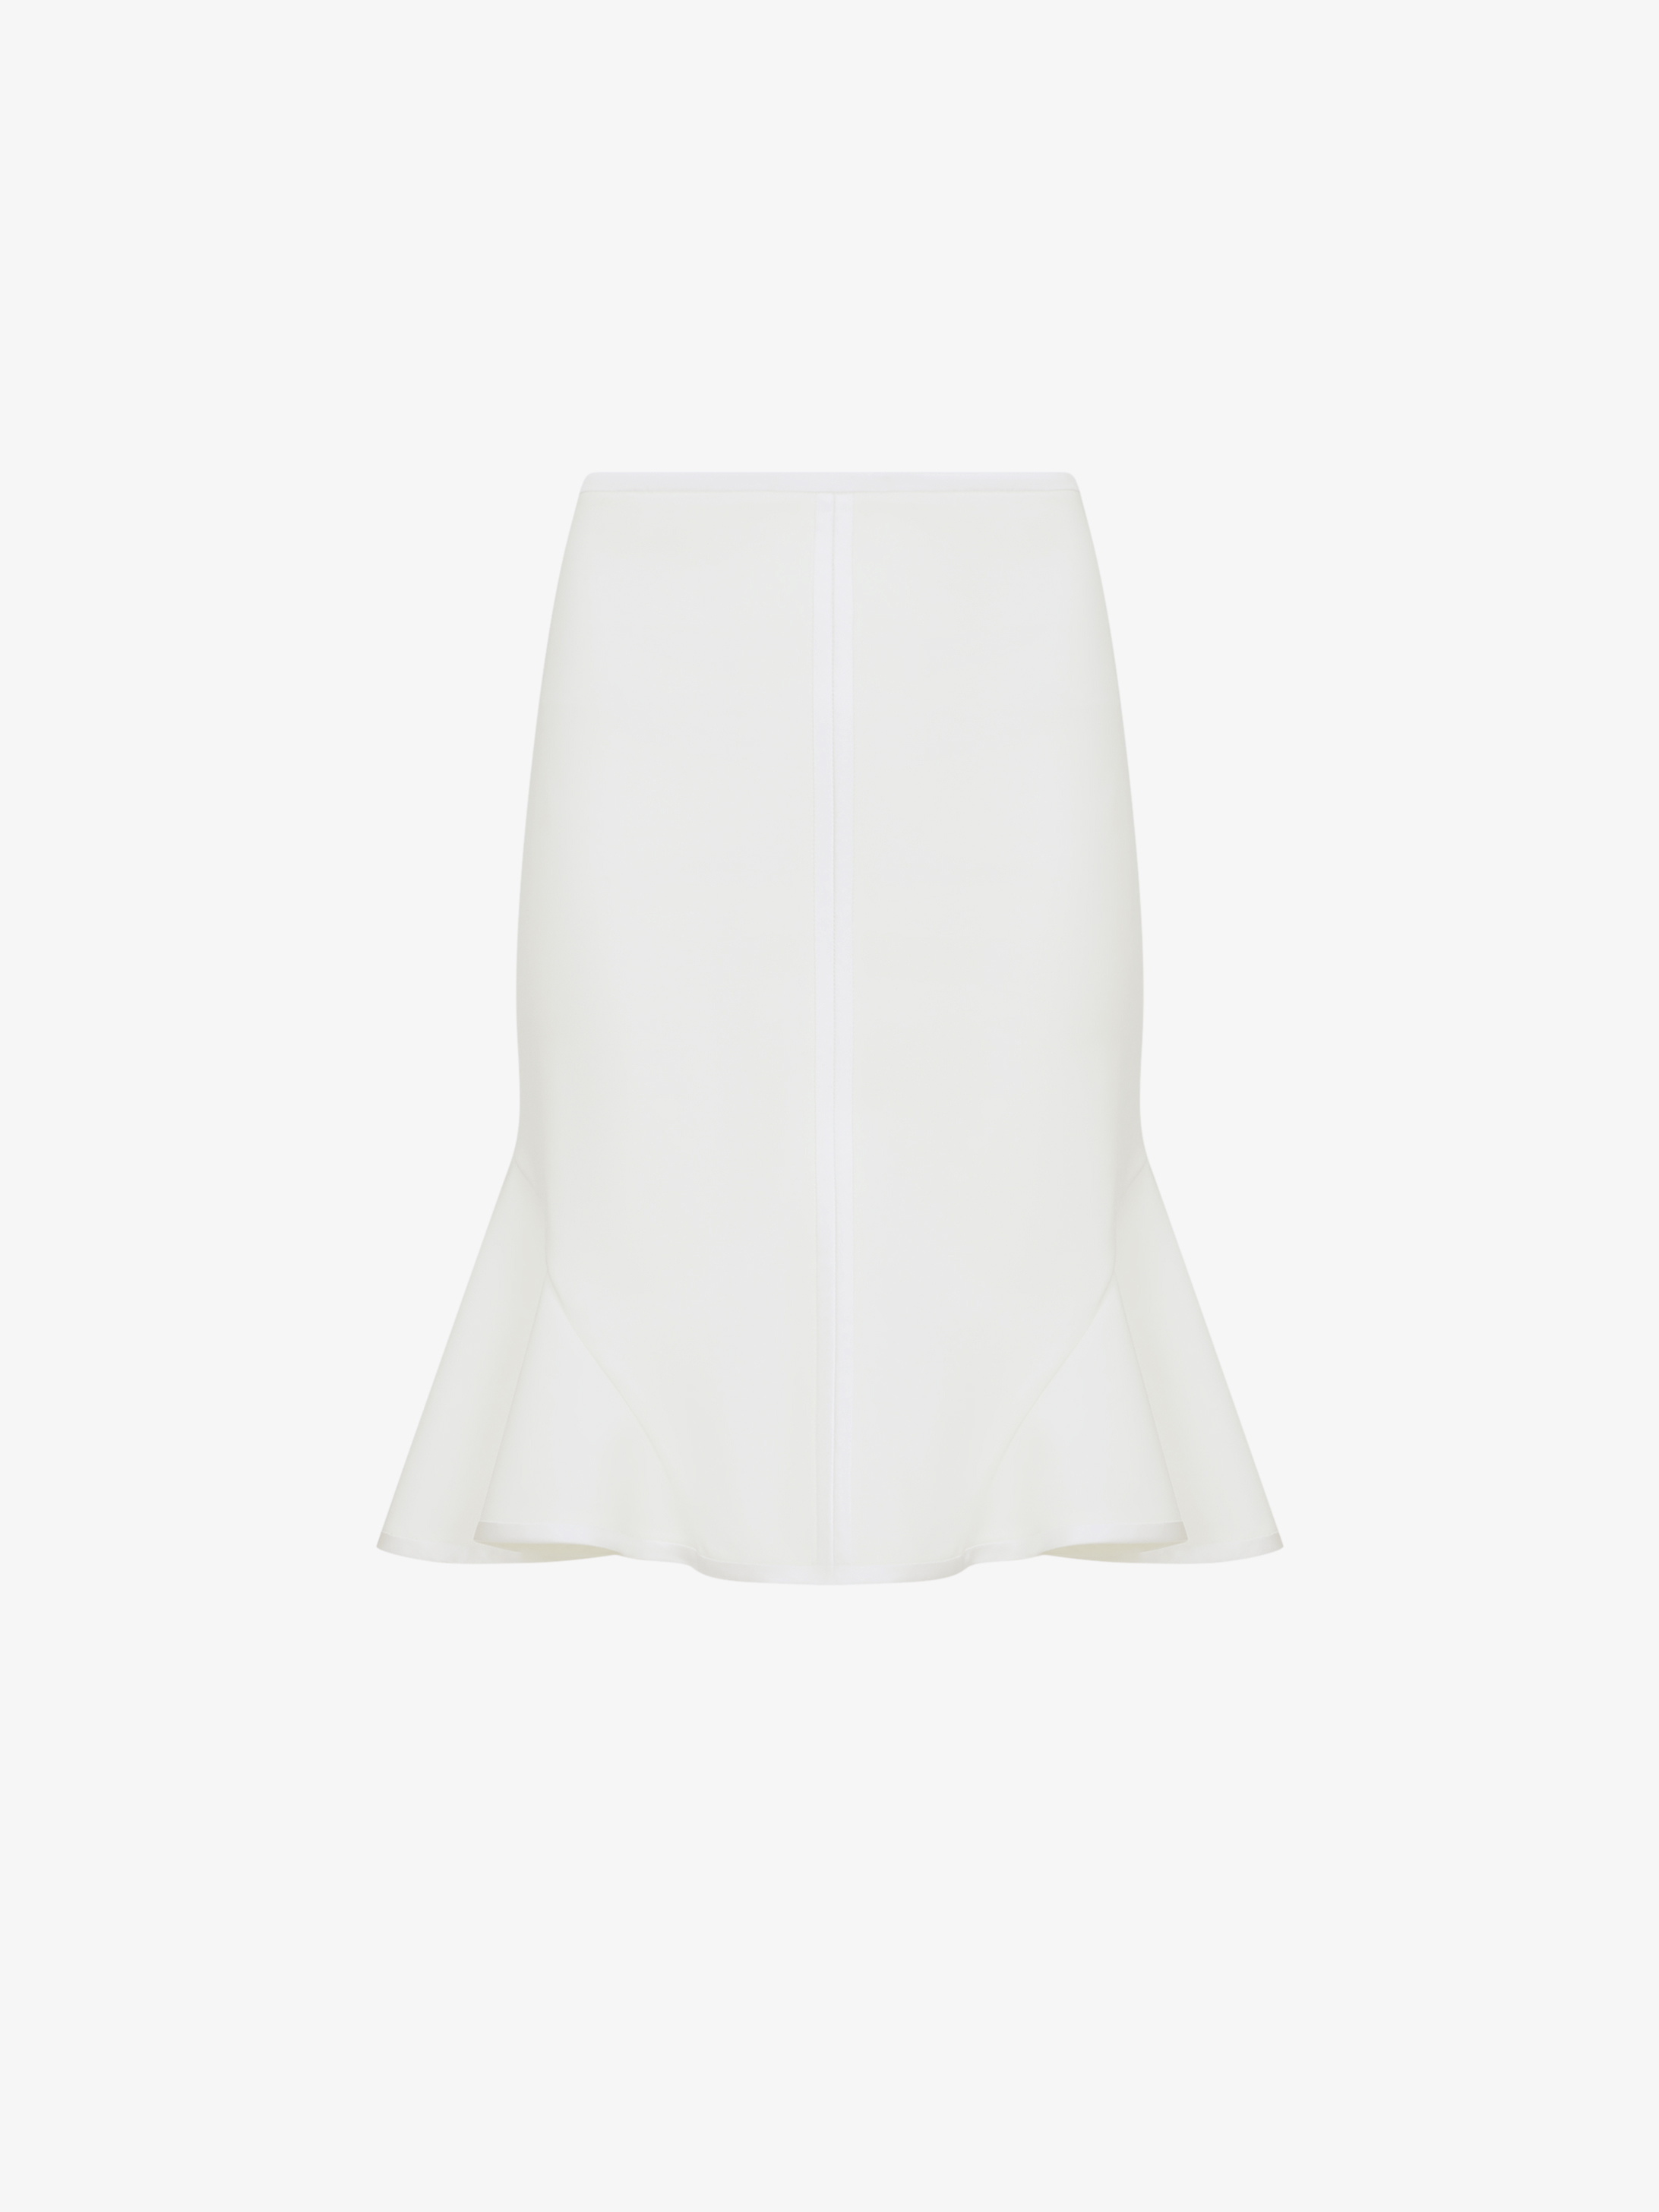 Gored short skirt